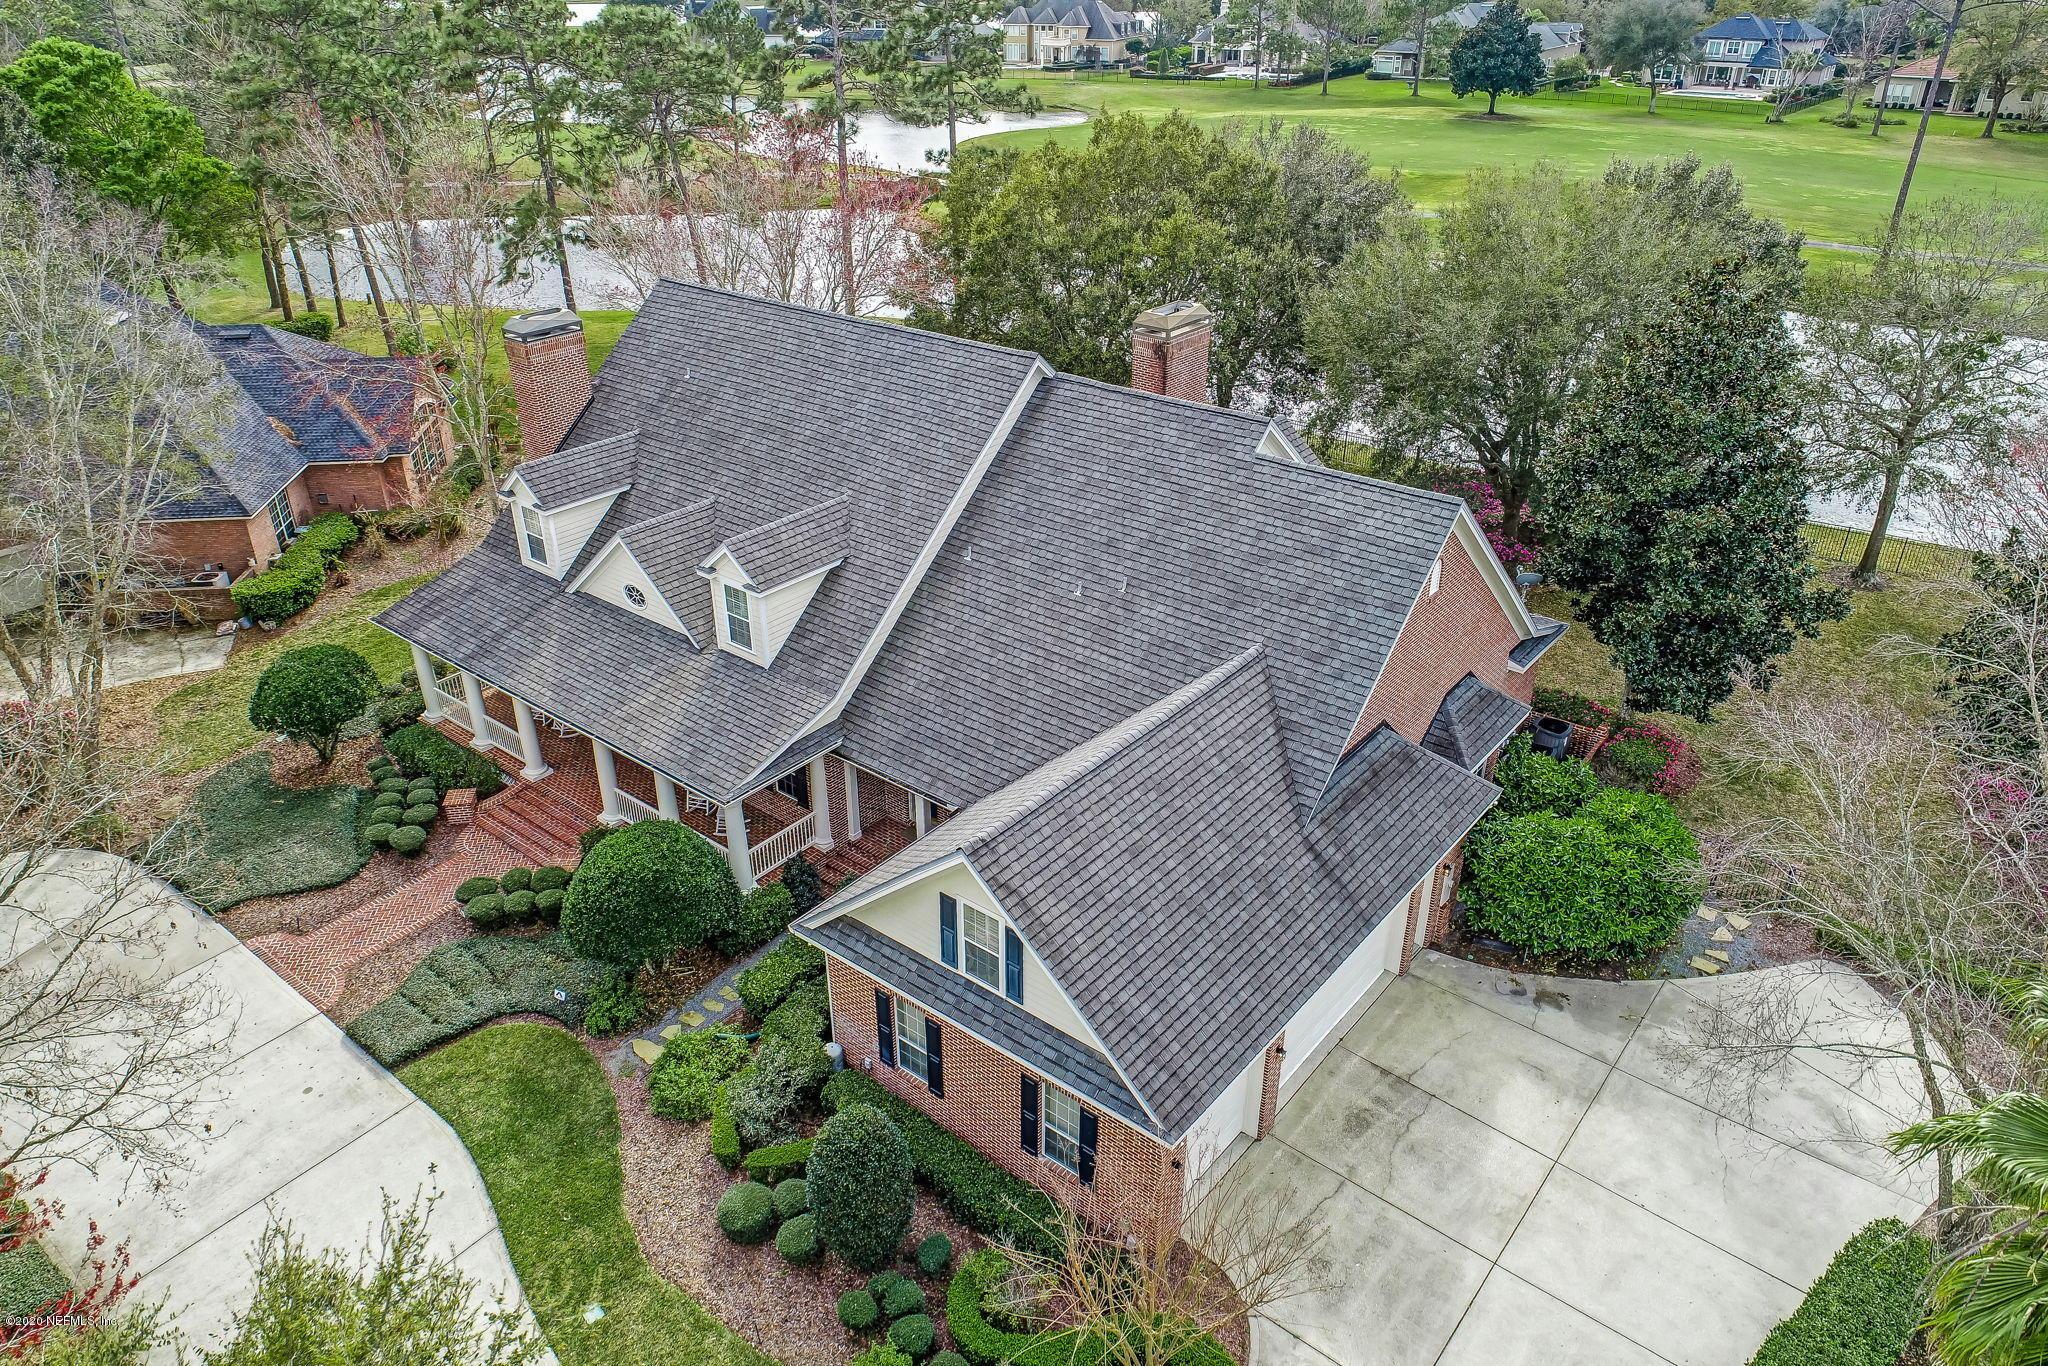 4538 SWILCAN BRIDGE, JACKSONVILLE, FLORIDA 32224, 5 Bedrooms Bedrooms, ,4 BathroomsBathrooms,Residential,For sale,SWILCAN BRIDGE,1056024